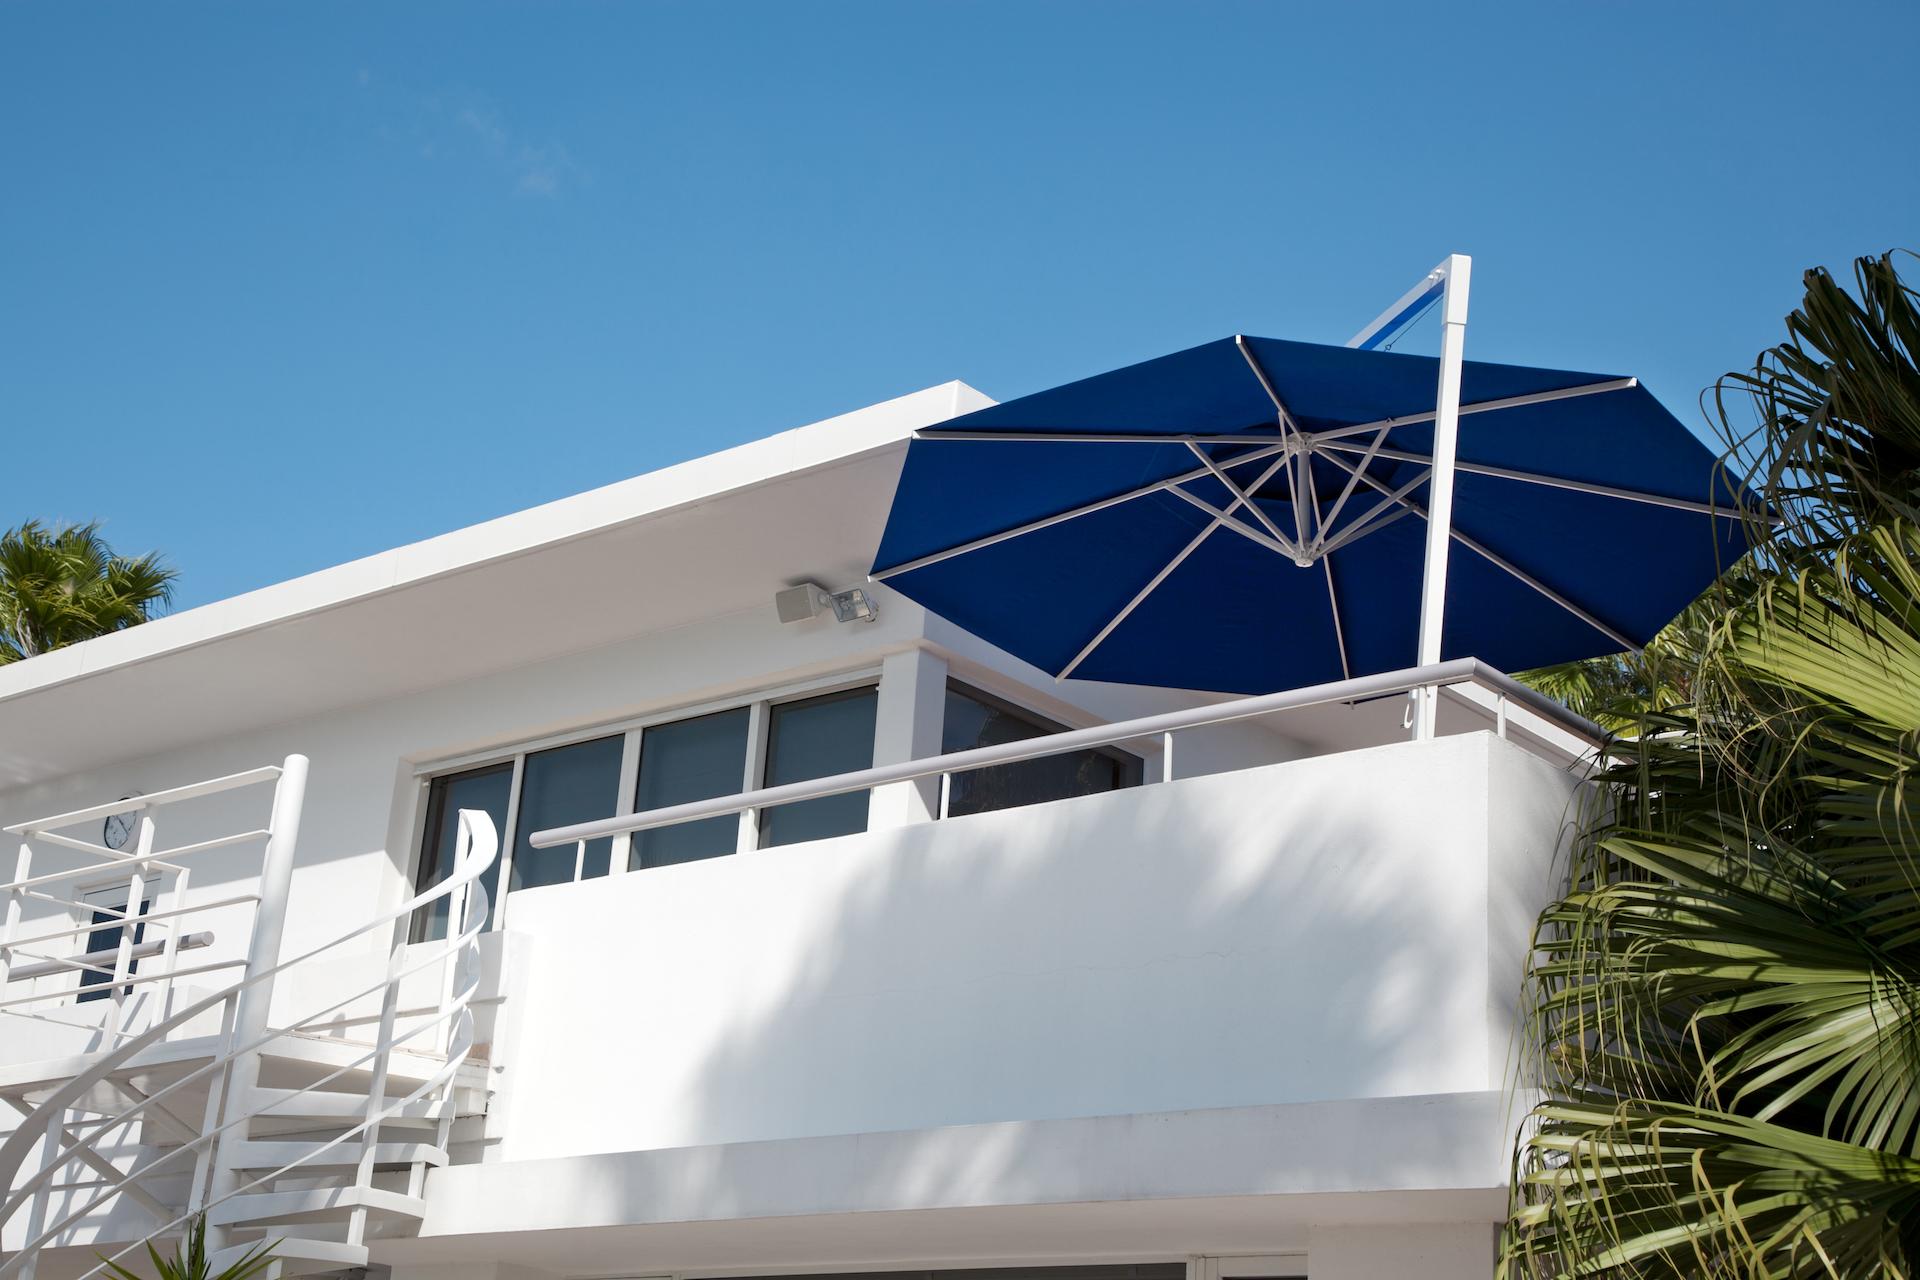 Sonnenschirm Amalfi rund blau Balkon